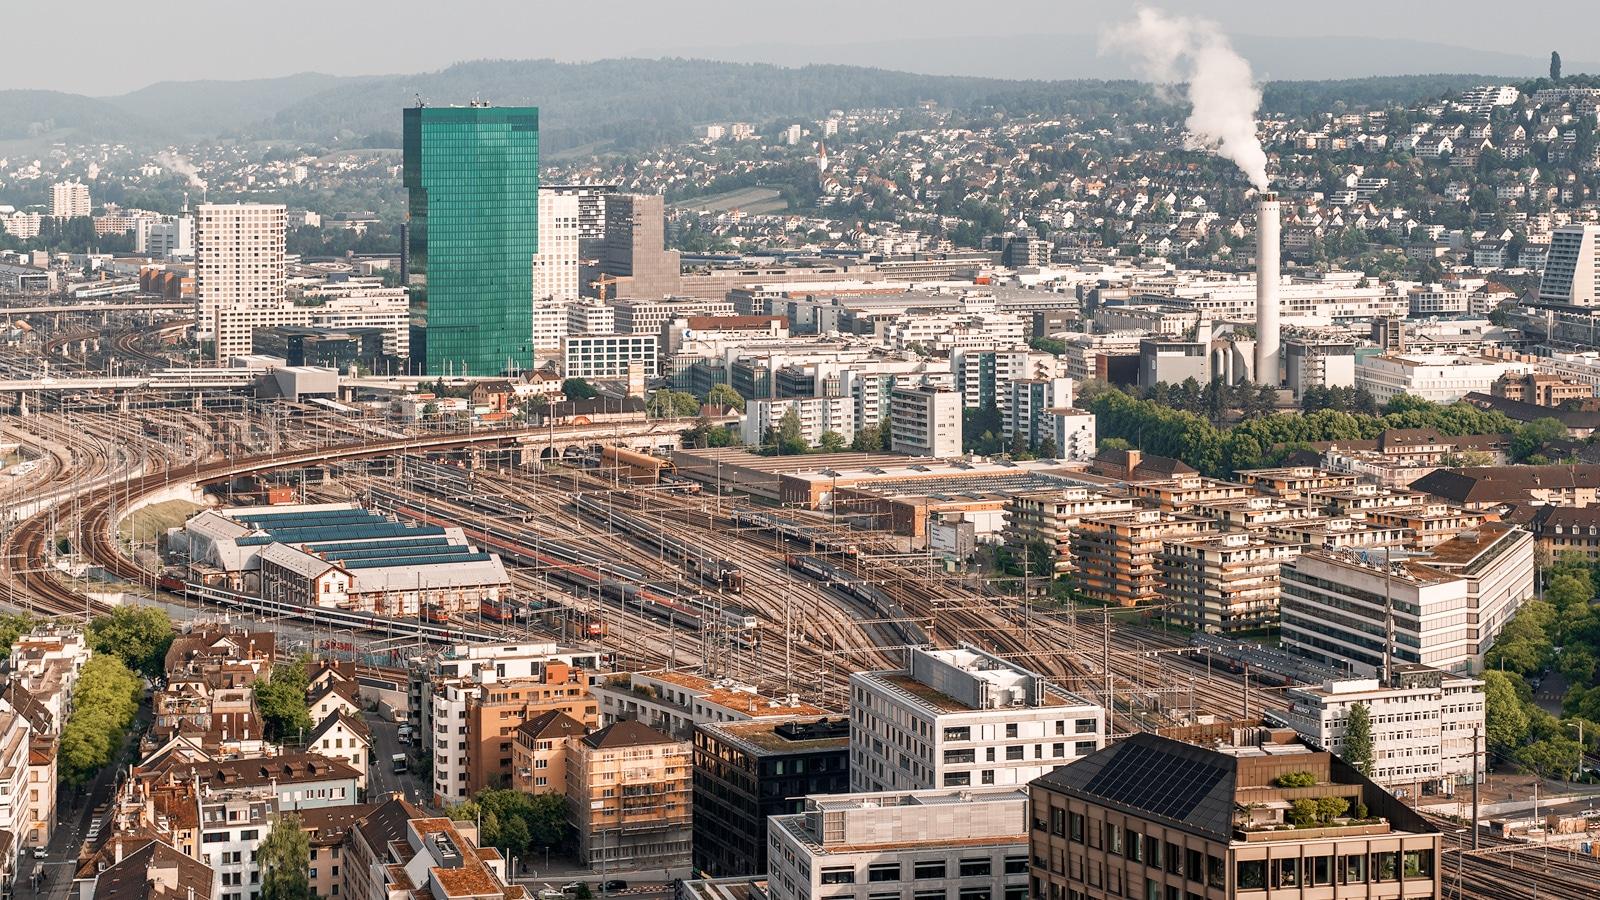 Luftaufnahme mit Drohne. Blick auf SBB Geleise und Züri West